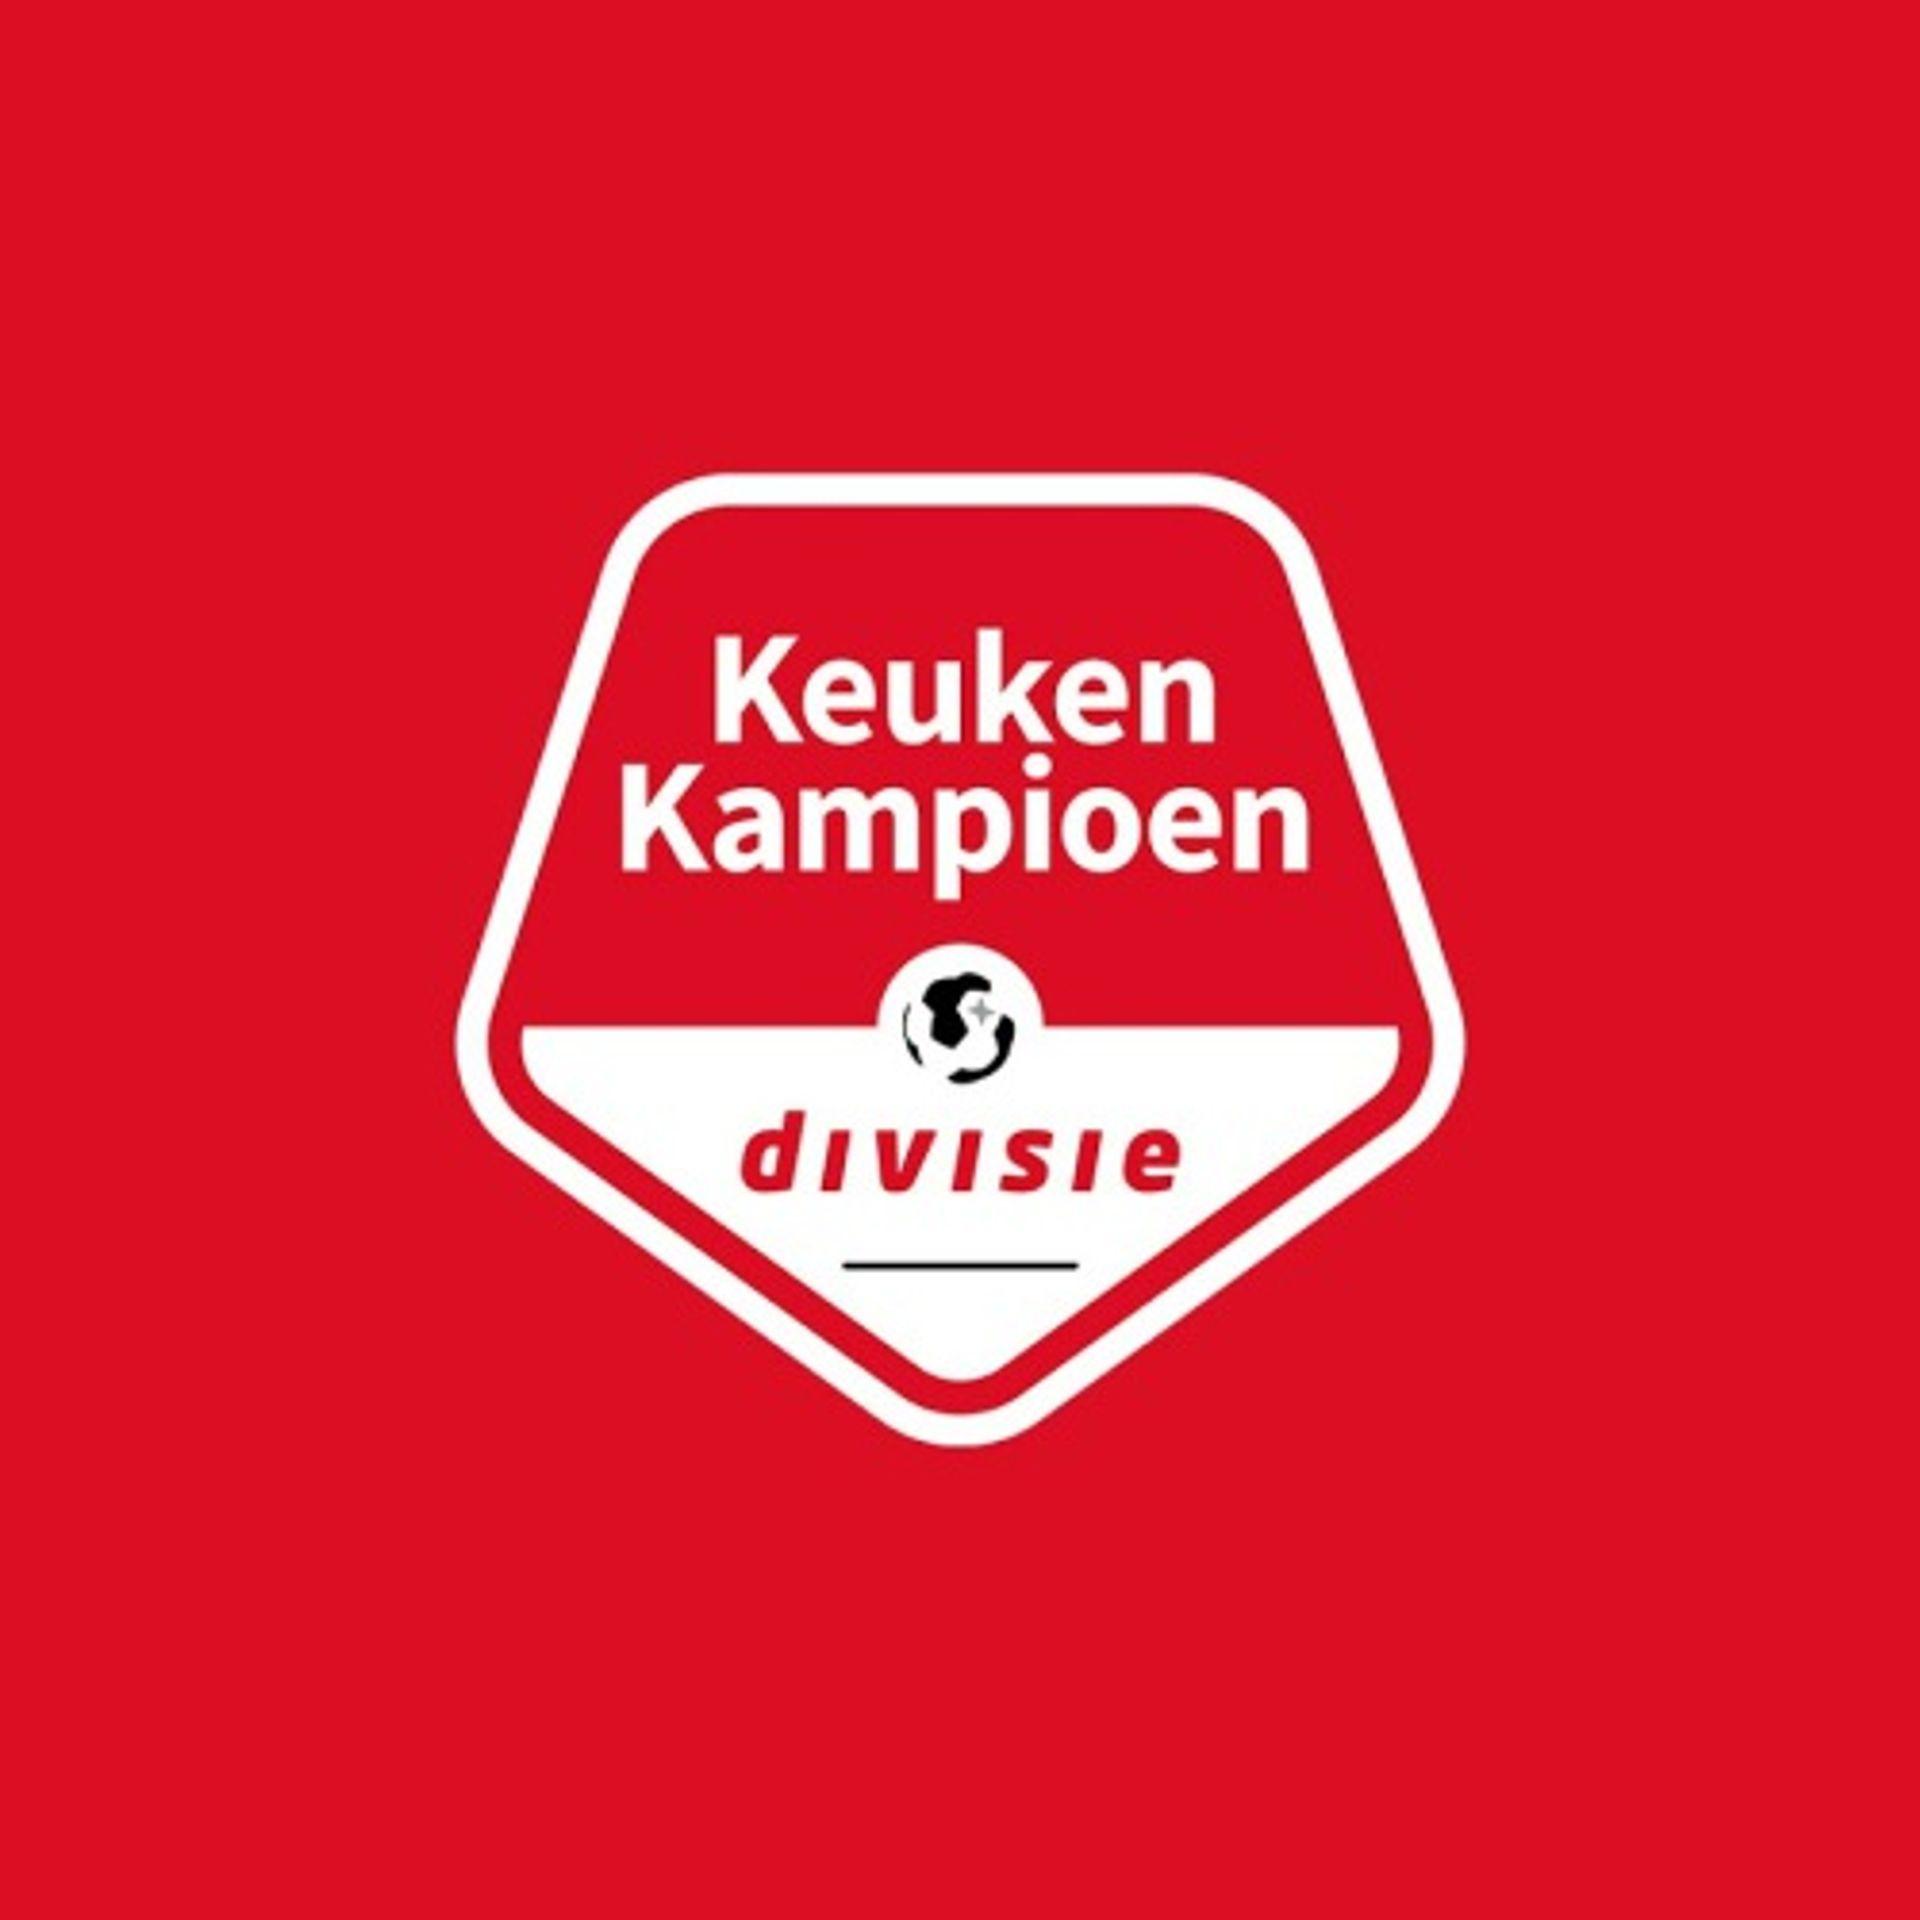 Erik Dijkstra wordt ouderwets gepest met Keuken Kampioen Divisie